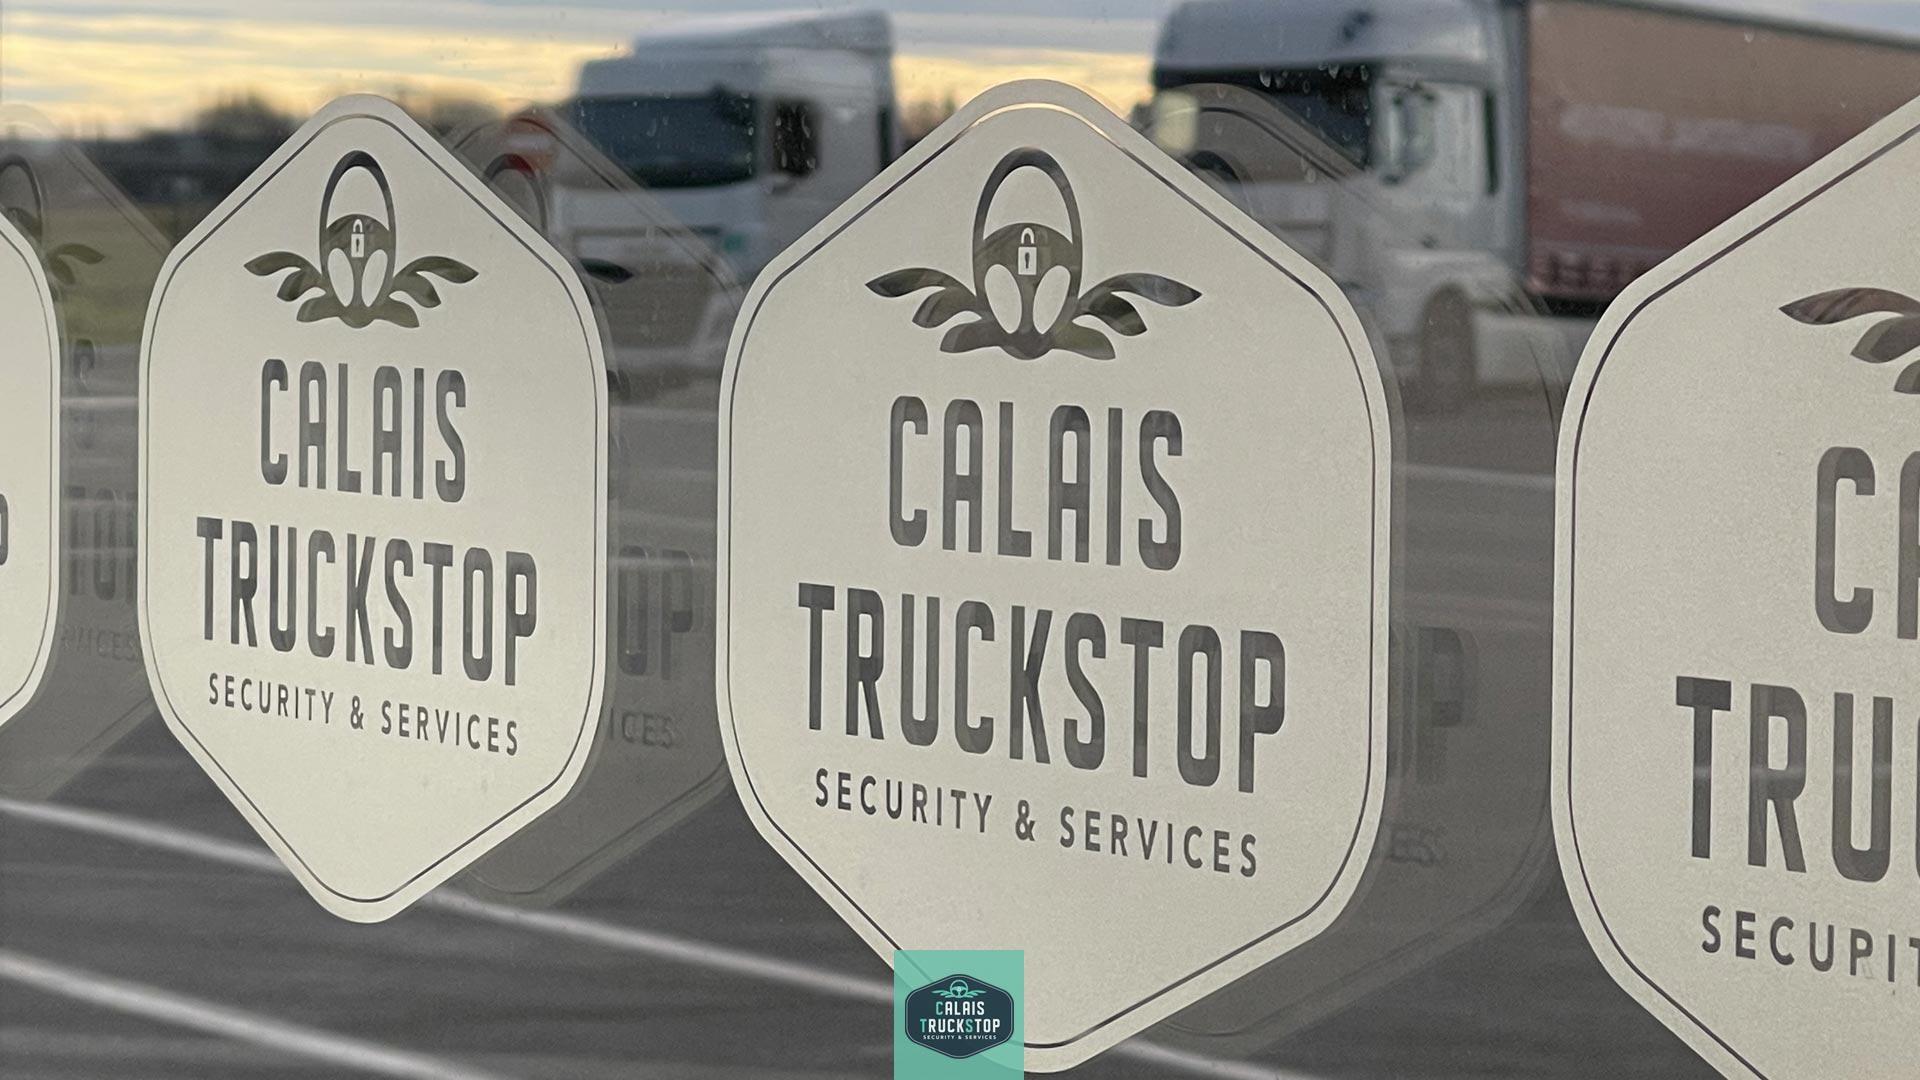 Calais Truckstop